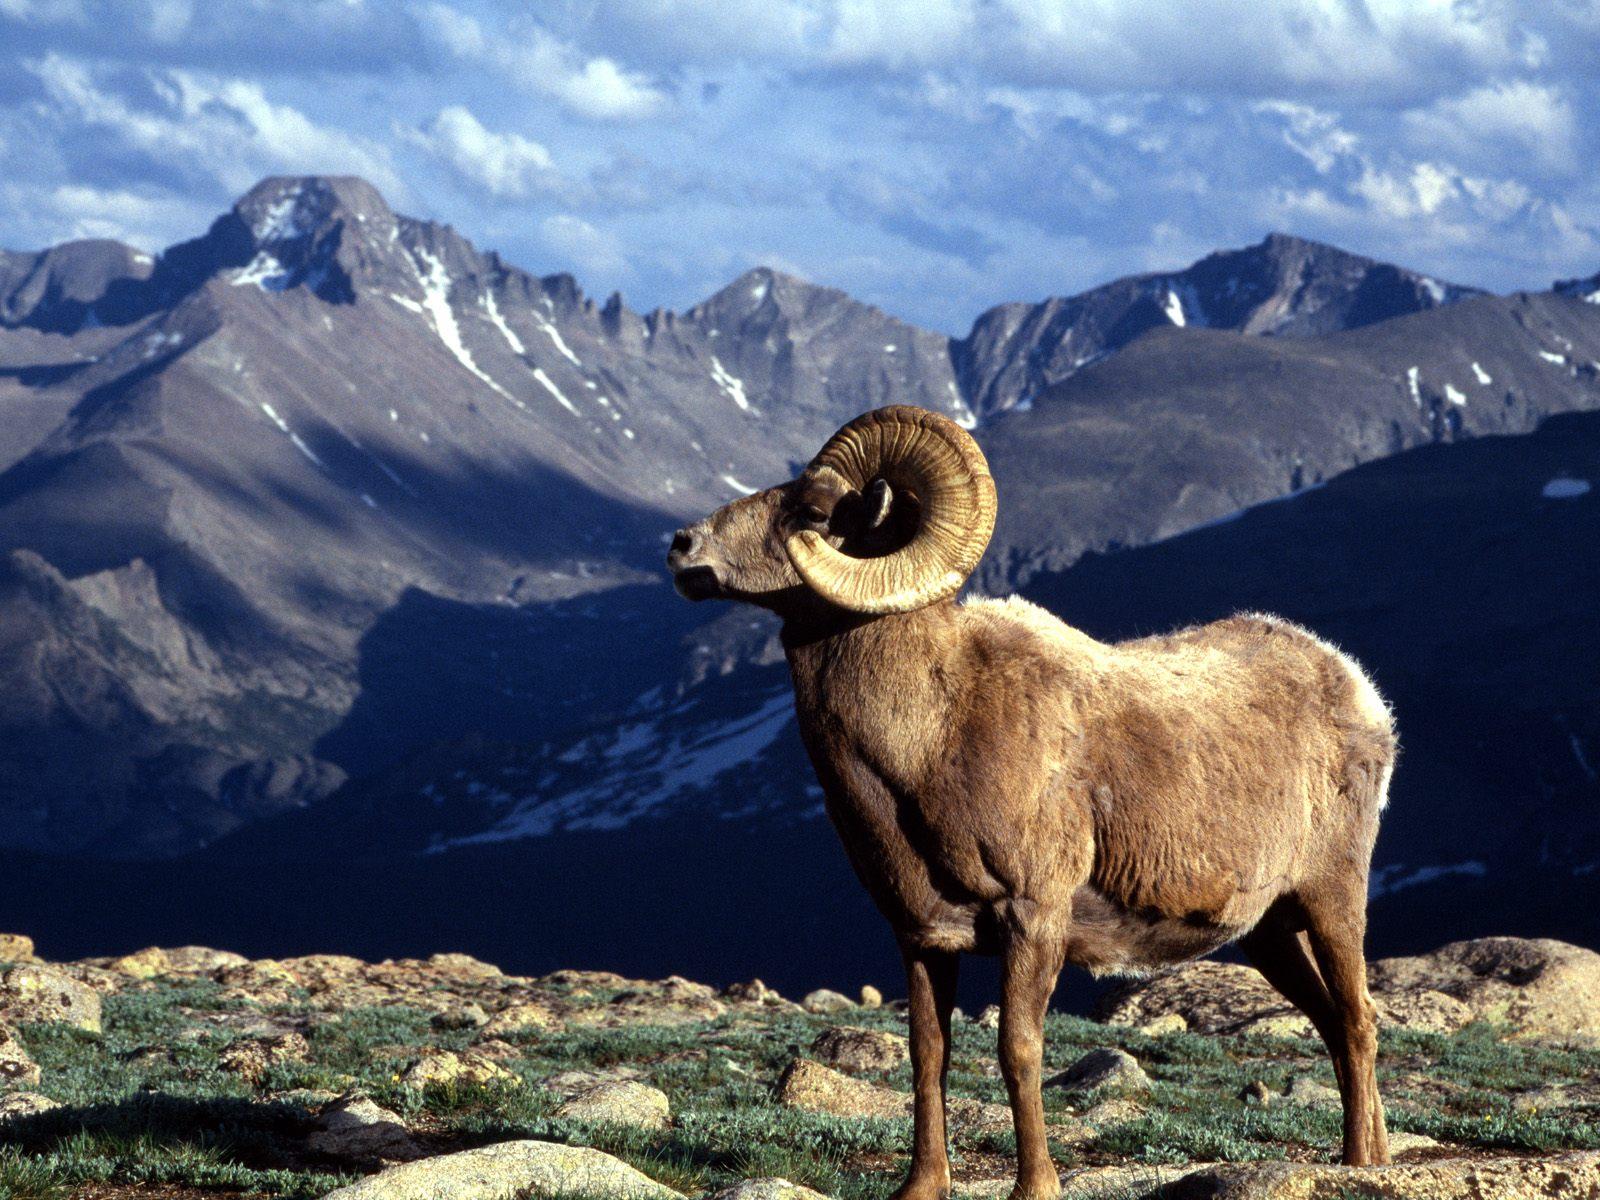 Horn Ram Rocky Mountain National Park Colorado   Wallpaper 10675 1600x1200